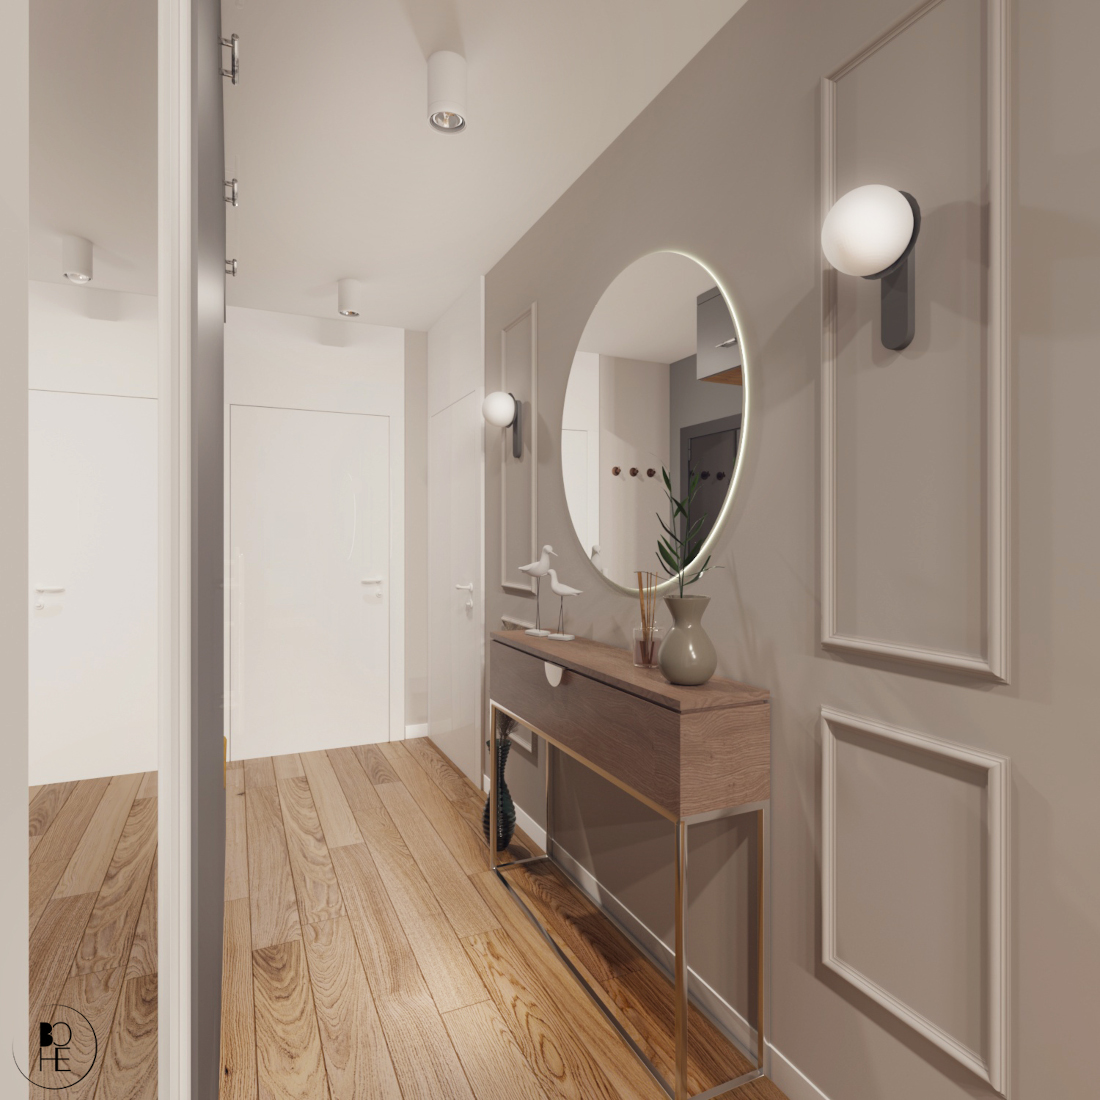 biuro architektoniczne białystok aranżacja wnętrza strefy wejściowej